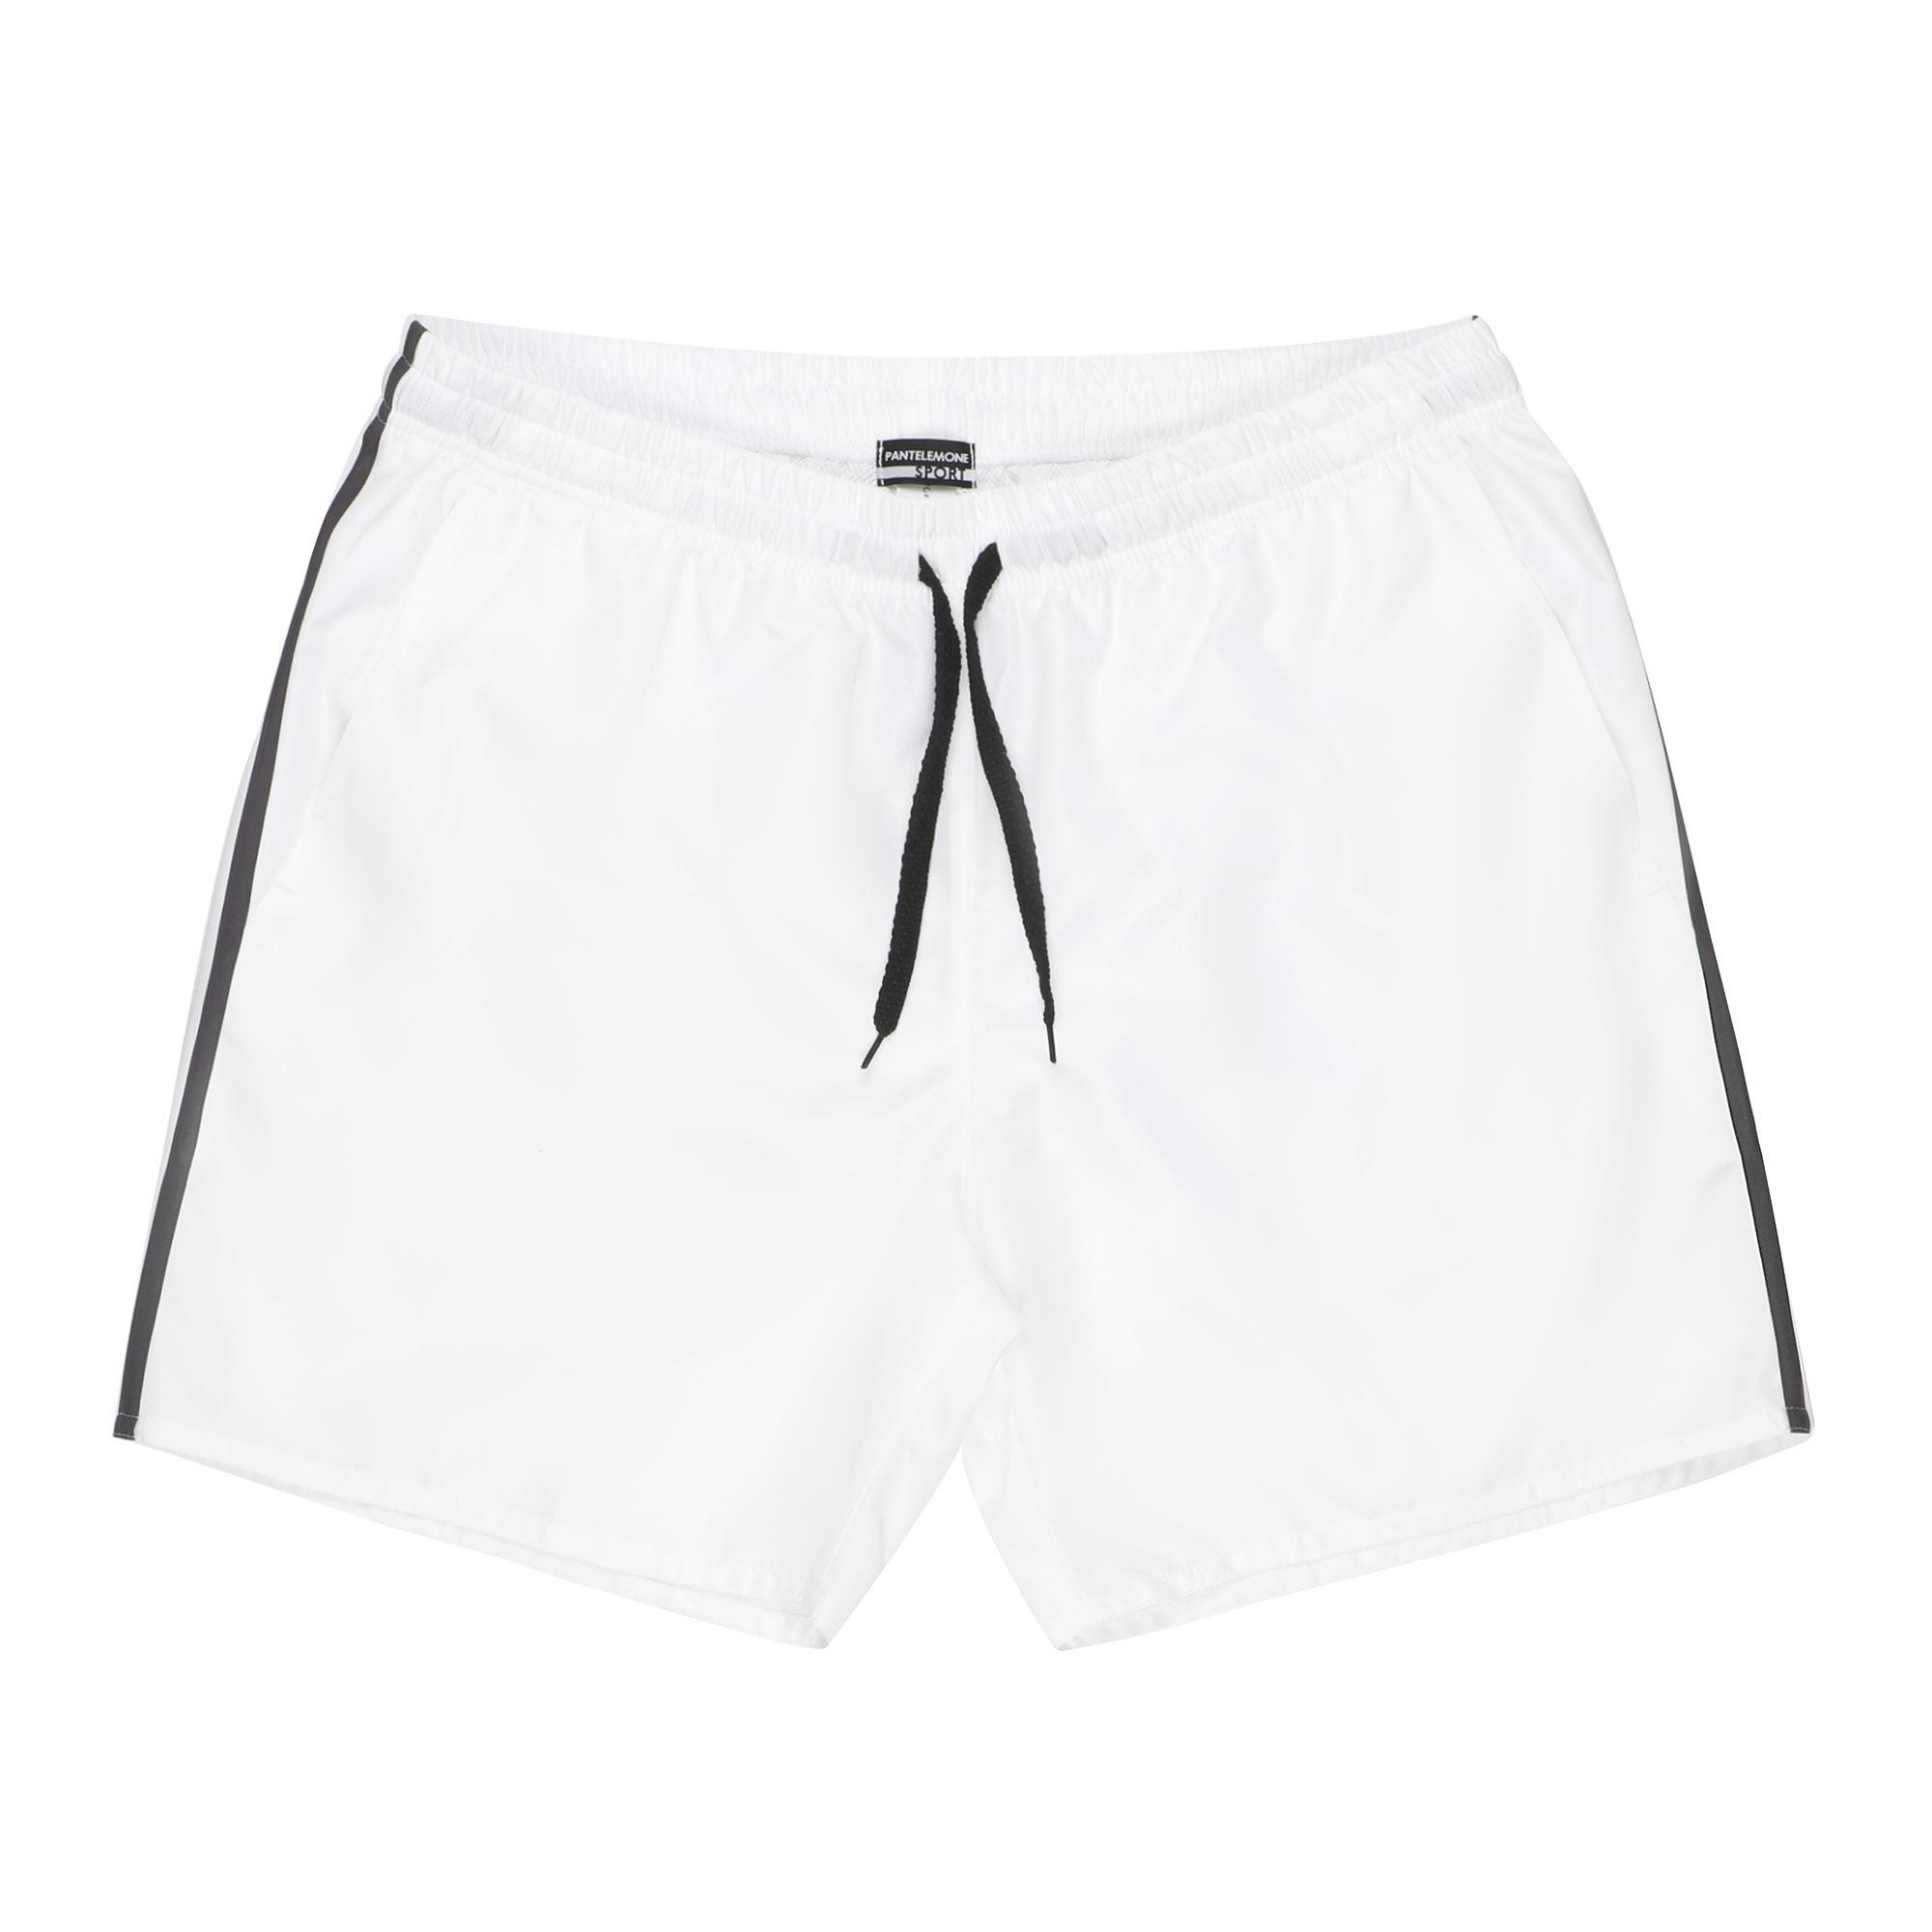 Пляжные шорты Pantelemone 46 белые